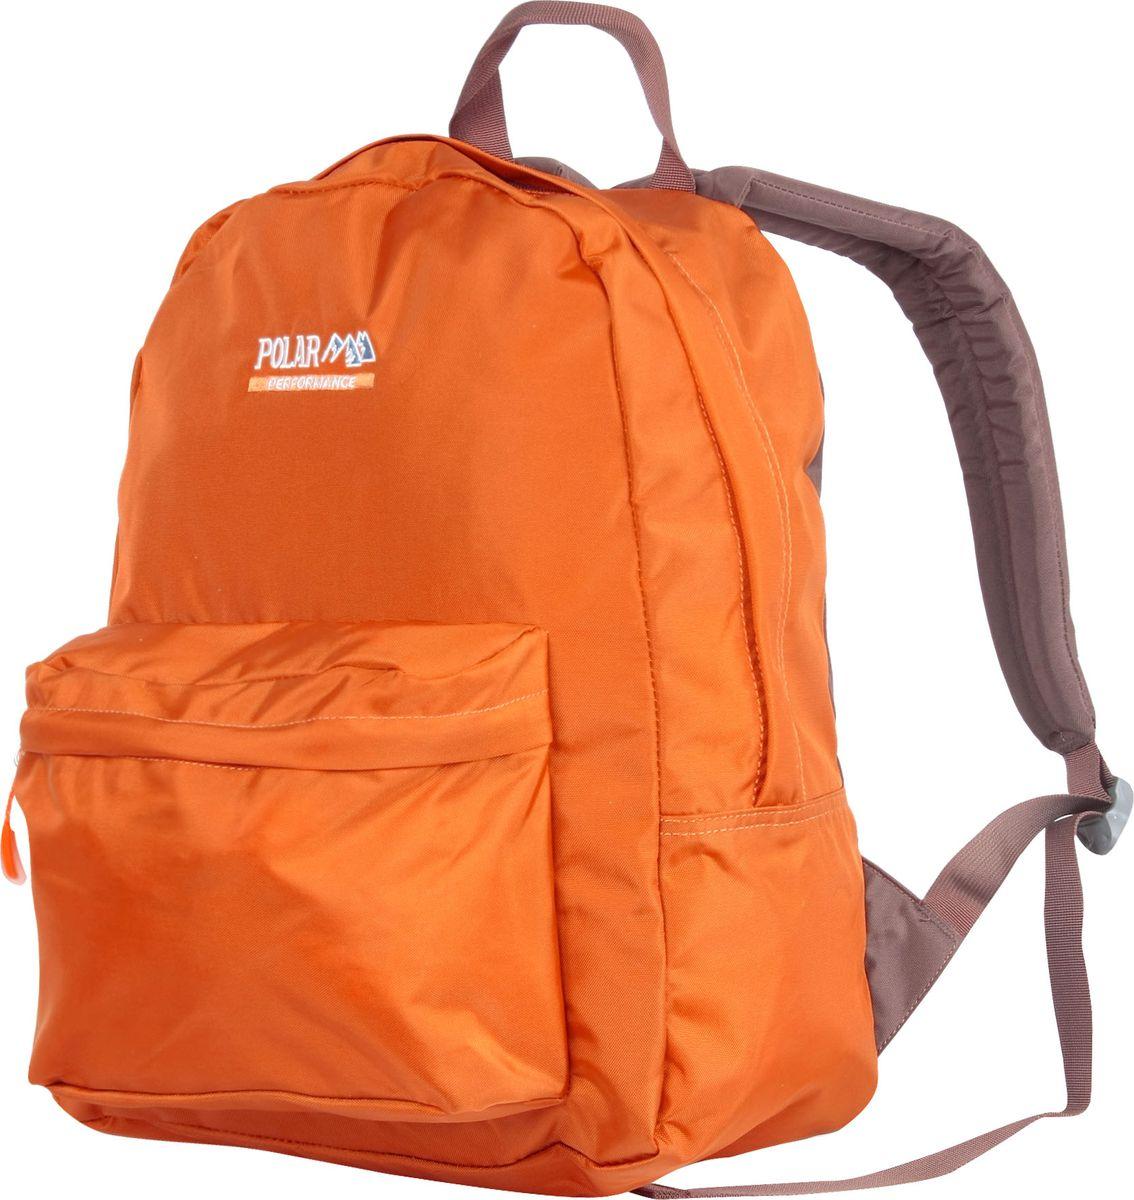 Рюкзак городской Polar, цвет: оранжевый, 27,5 л. П1611-02П1611-02Рюкзак легкий городской. Одно основное отделение. Спереди — накладной карман на молнии. Спинка и лямки рюкзака пропенены.